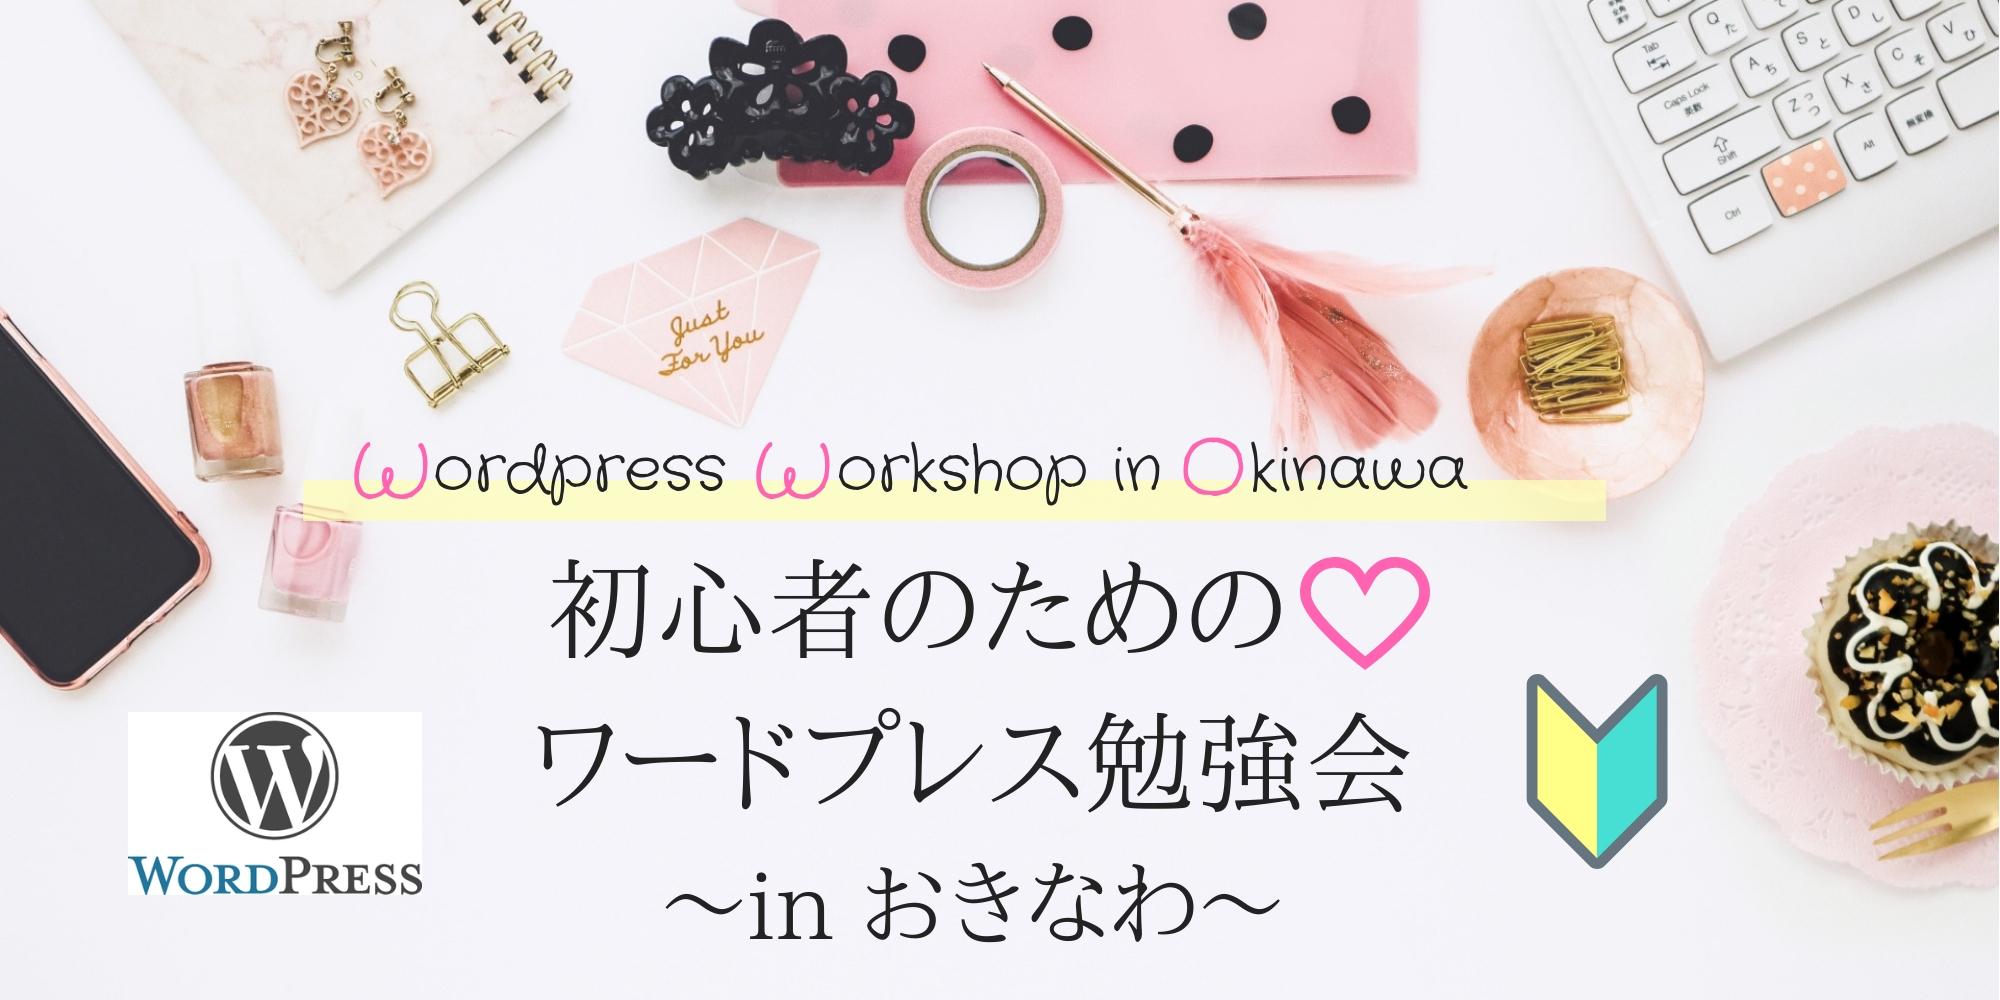 ワードプレス勉強会 沖縄